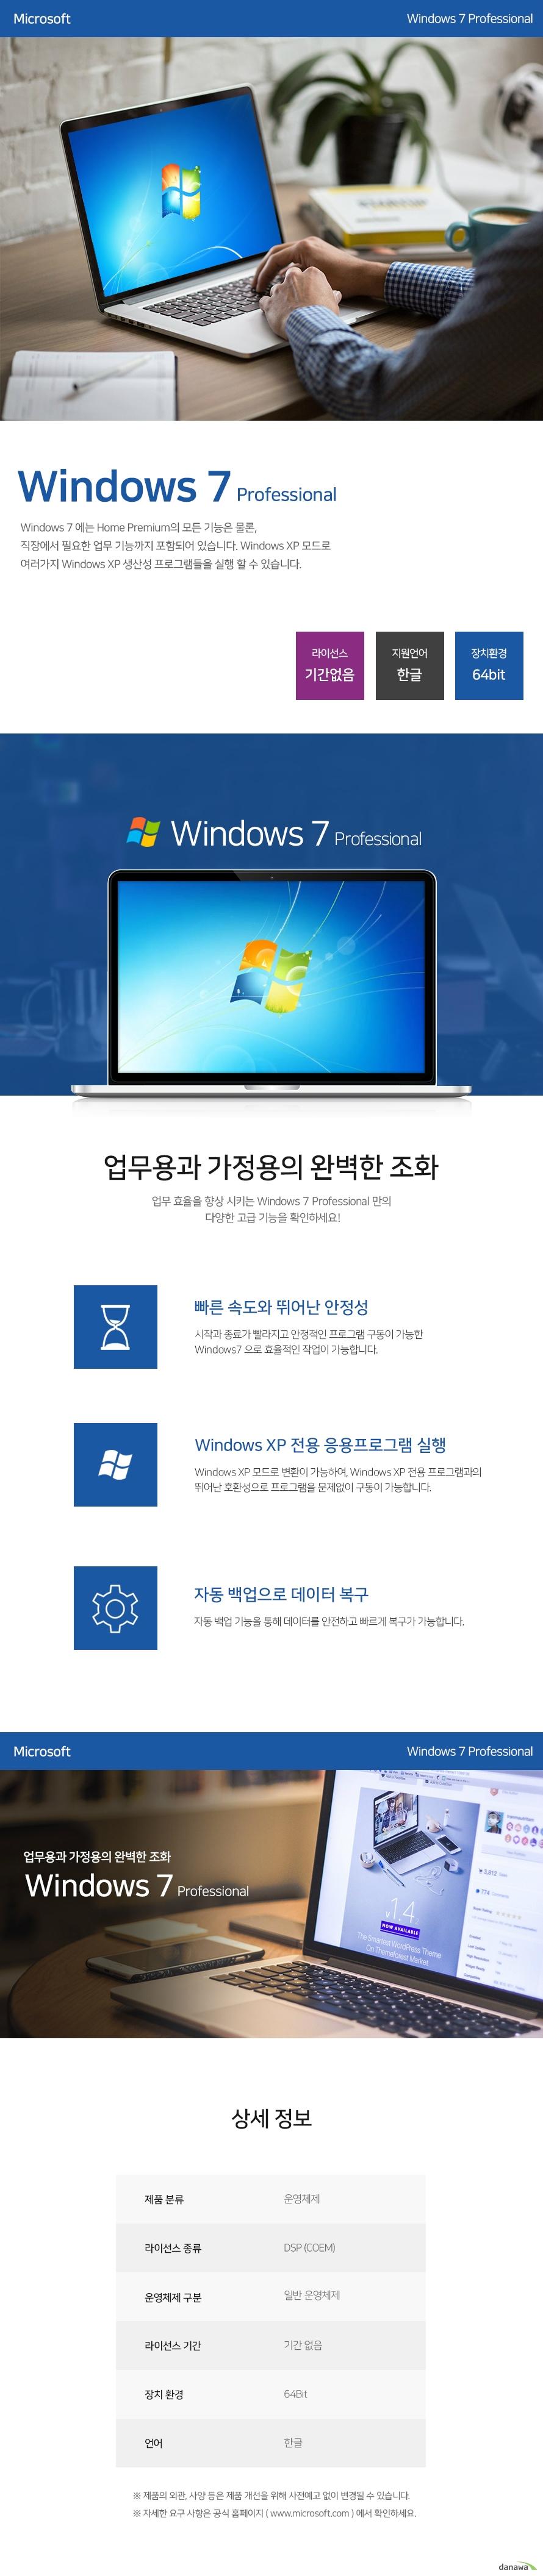 윈도우7 프로페셔널 윈도우7에는 홈 프리미엄의 모든 기능은 물론, 직장에서 필요한 업무 기능까지 포함되어 있습니다. 윈도우XP 모드로 여러가지 윈도우XP 생산성 프로그램들을 실행할 수 있습니다. 라이선스 기간없음 지원언어 한글 장치환경 64Bit 업무용과 가정용의 완벽한 조화 업무 효율을 향상시키는 윈도우7 프로페셔널만의 다양한 고급 기능을 확인하세요 빠른 속도와 뛰어난 안정성 기작과 종료가 빨라지고 안정적인 프로그램 구동이 가능한 윈도우7으로 효율적인 작업이 가능합니다. 윈도우XP 전용 응용프로그램 실행 윈도우XP 모드로 변환이 가능하여, 윈도우XP 전용 프로그램과의 뛰어난 호환성으로 프로그램을 문제없이 구동이 가능합니다. 자동 백업으로 데이터 복구 자동 백엄 기능을 통해 데이터를 안전하고 빠르게 복구가 가능합니다. 상세 정보 제품분류 운영체제 라이선스 종류 DSP (COEM) 운영체제 구분 일반 운영체제 라이선스 기간 기간없음 장치 환경 64Bit 언어 한글 제품의 외관, 사양 등은 제품 개선을 위해 사전예고 없이 변경될 수 있습니다. 자세한 요구 사항은 공식 홈페이지(www.microcoft.com)에서 확인하세요.